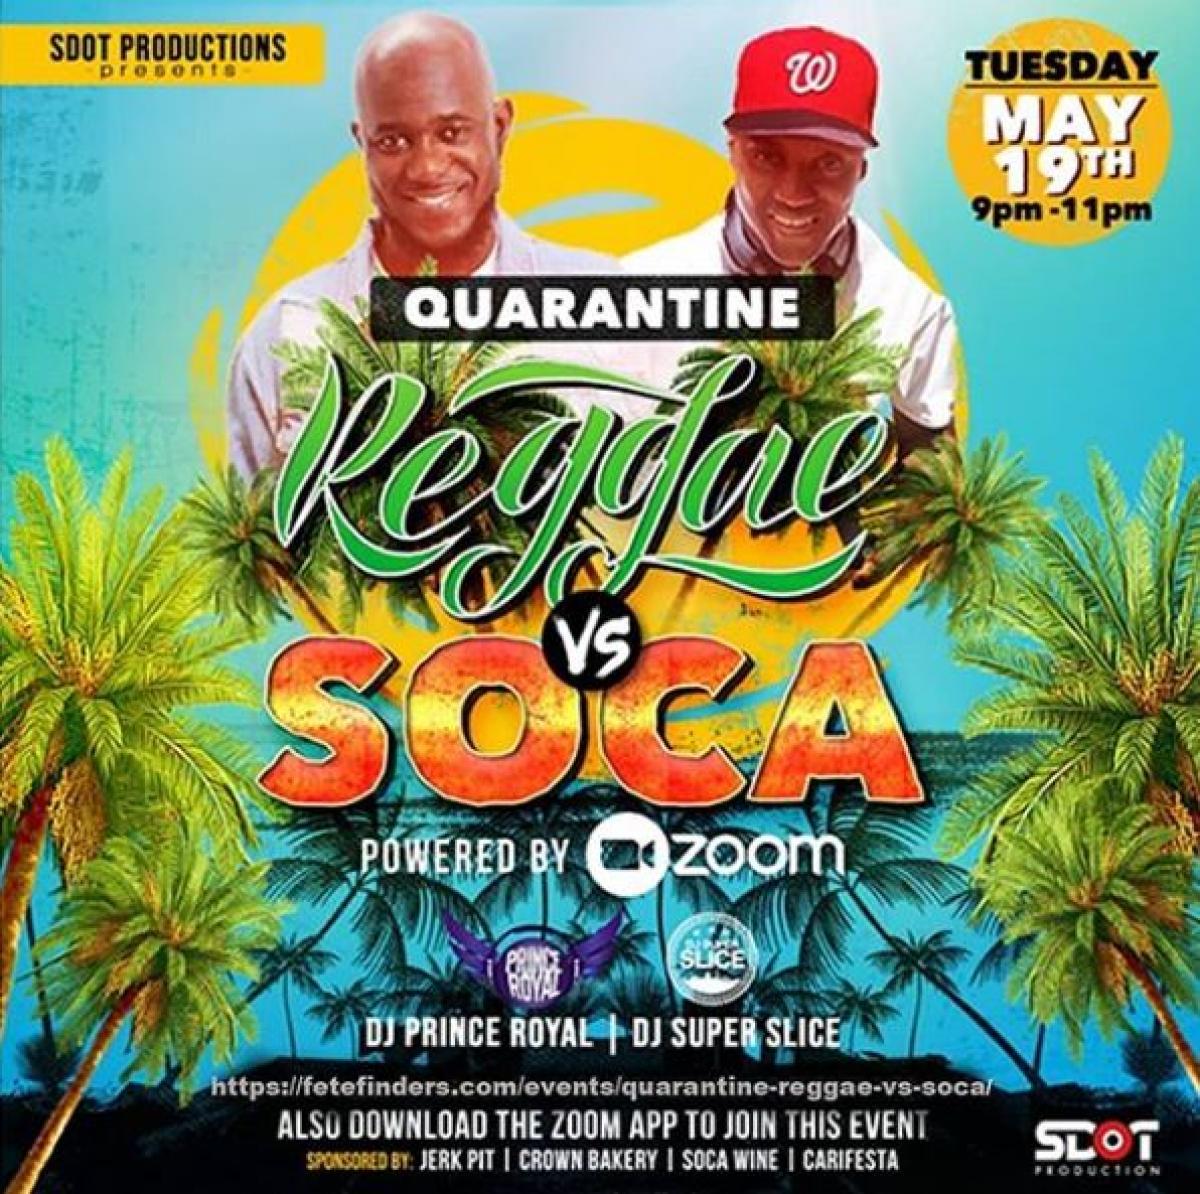 Quarantine Reggae Vs Soca flyer or graphic.